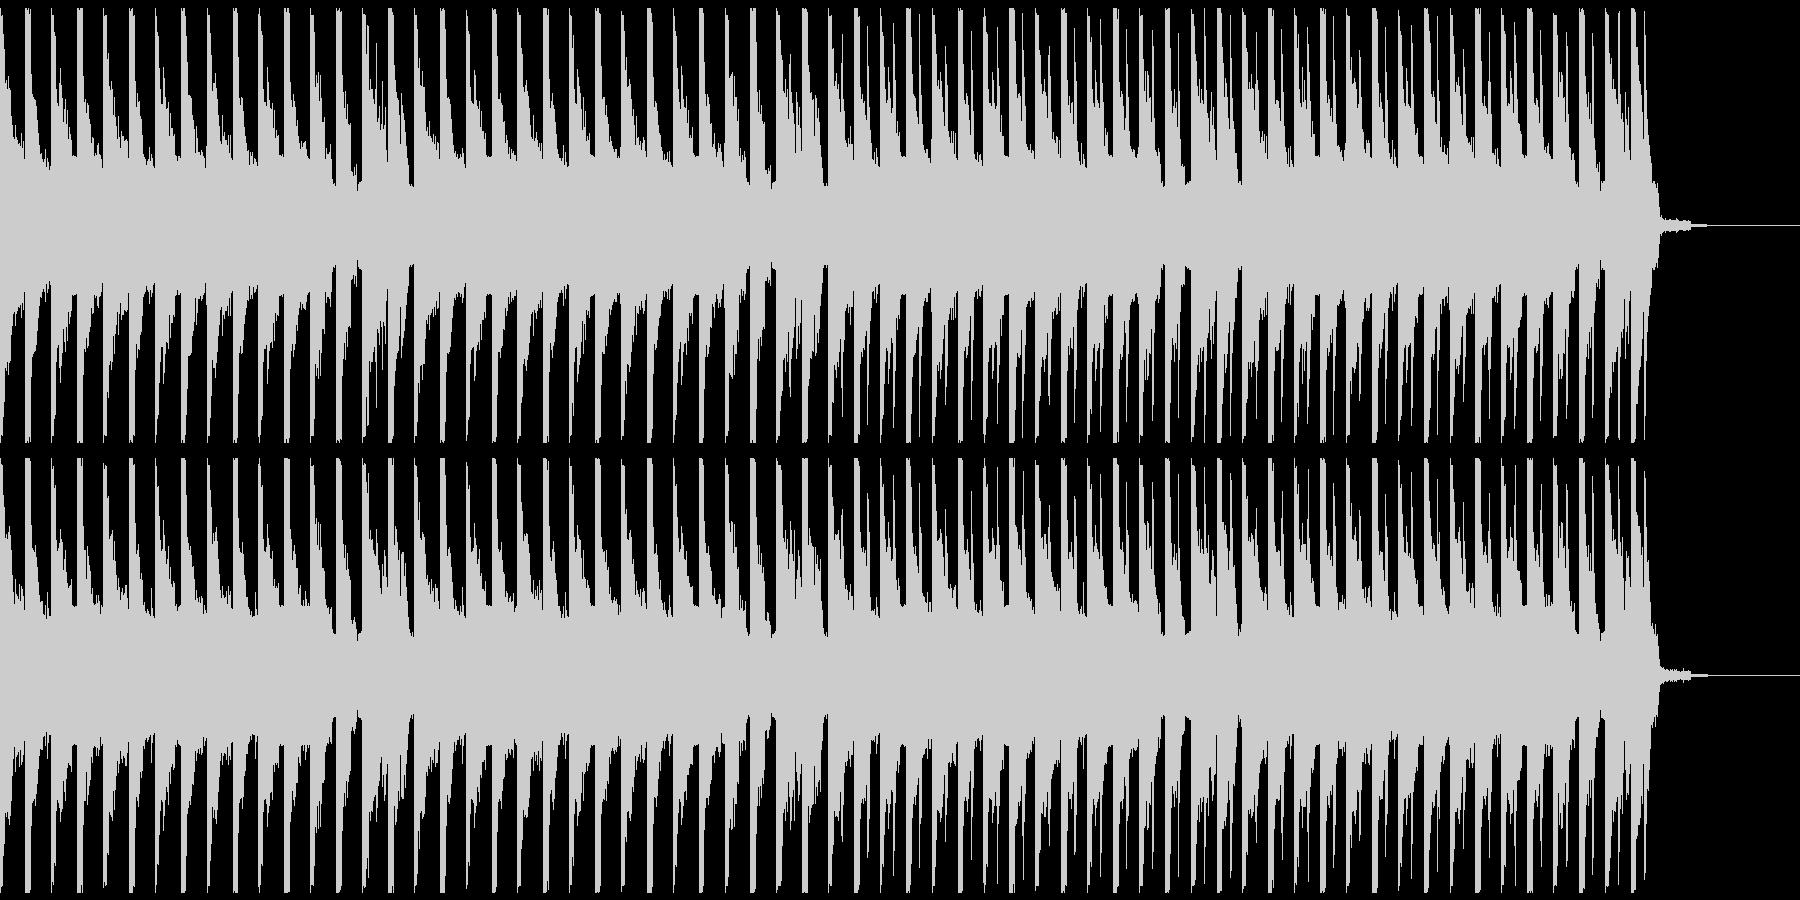 オシャレ・戦闘・スリリングEDM、⑤の未再生の波形